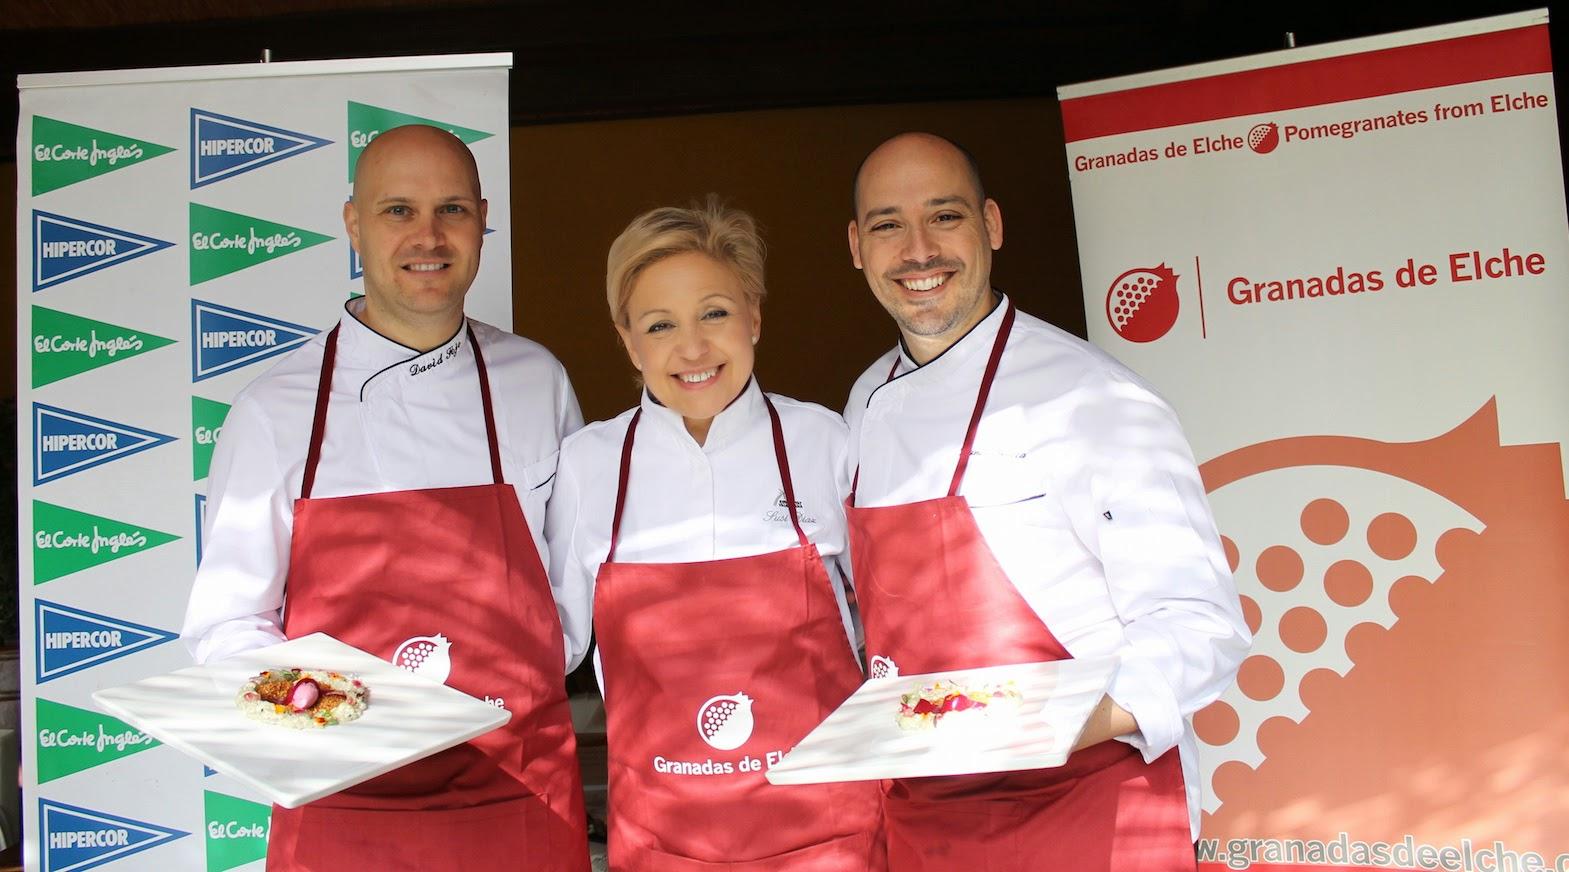 Ganadores Concurso Cocina Creativa Granada Mollar de Elche